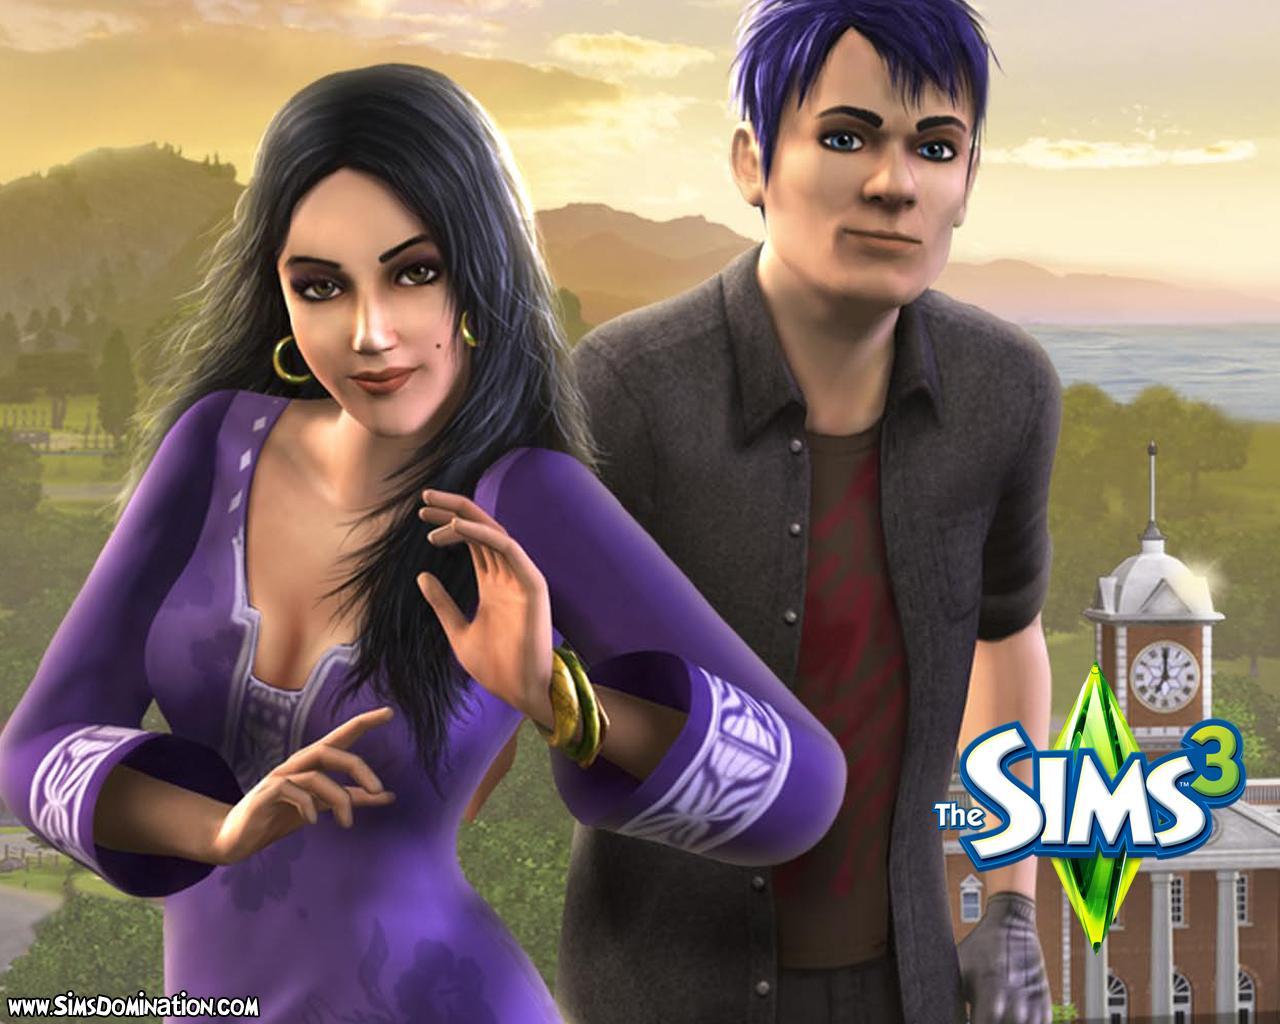 Sims-3-the-sims-3-3807951-1280-1024.jpg